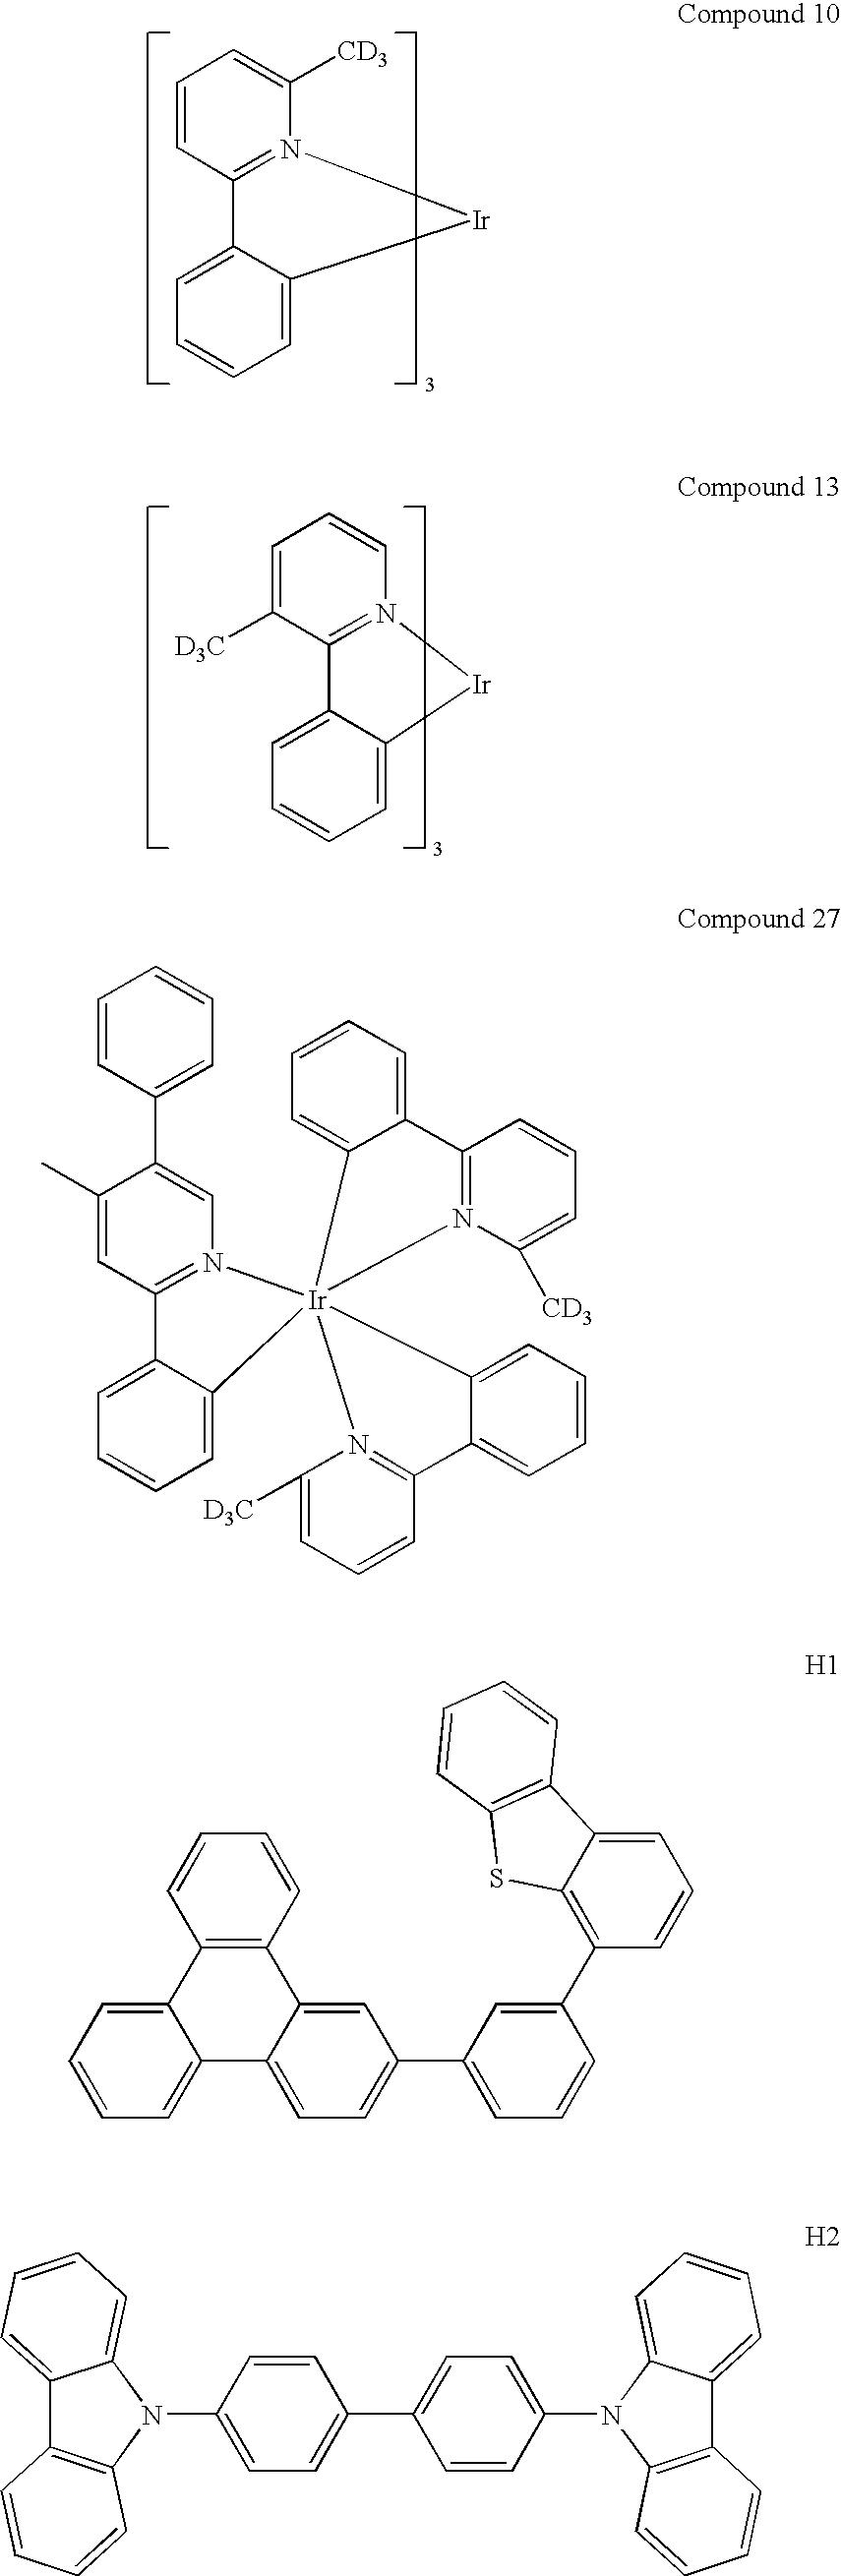 Figure US20100270916A1-20101028-C00151